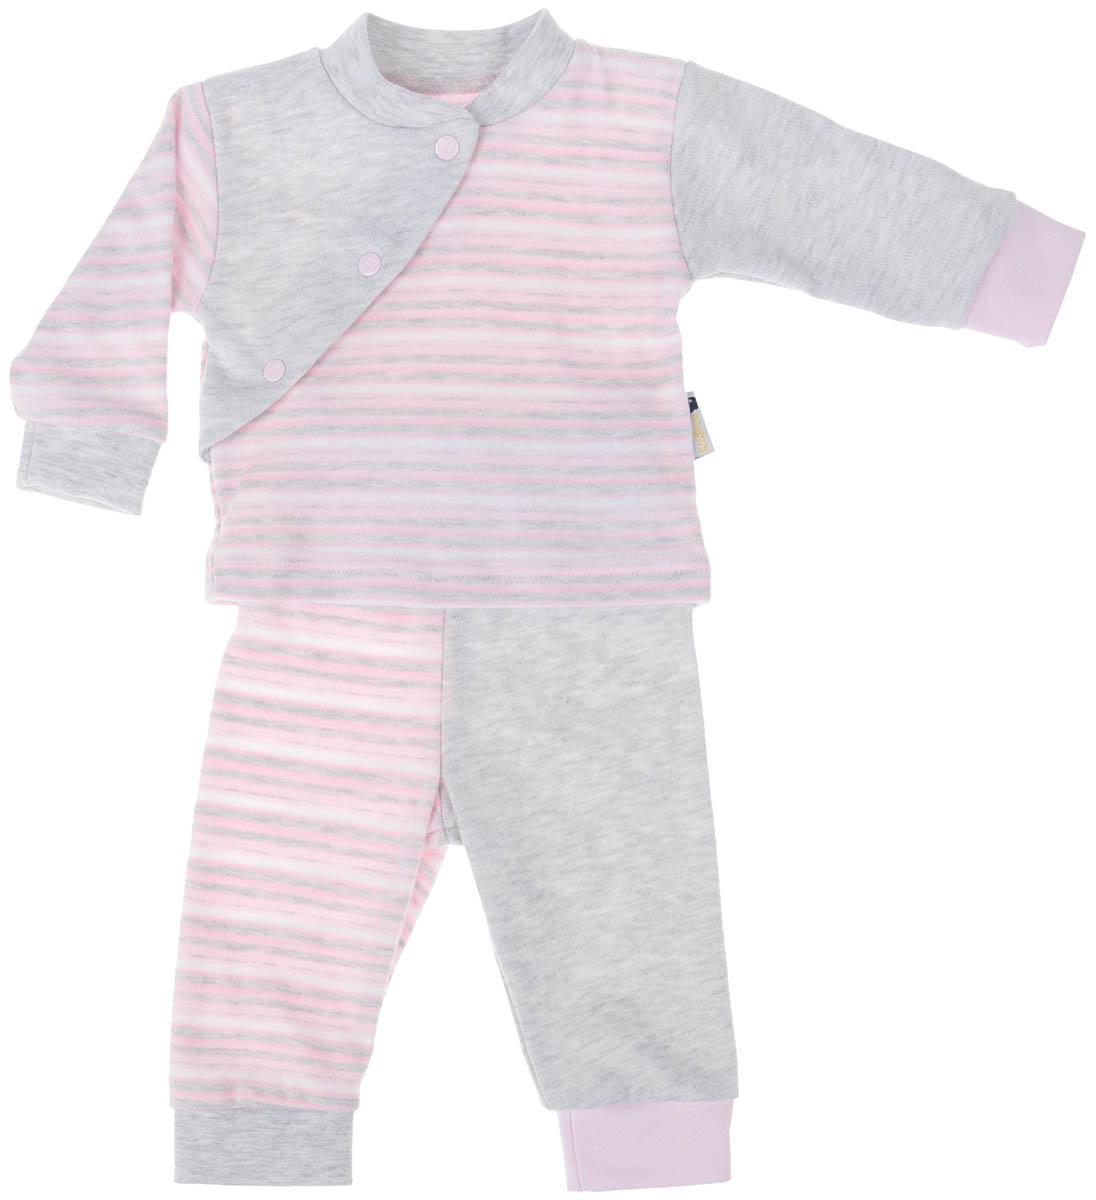 Комплект детский Клякса: кофточка, брюки, цвет: розовый, светло-серый, белый. 39К-5222. Размер 5639К-5222Детский комплект Клякса состоит из кофточки и штанишек. Комплект изготовлен из качественного натурального хлопка. Кофта с длинными рукавами и воротником-стойкой застегивается спереди на три кнопки. Штанишки имеют широкую эластичную резинку на поясе и широкие манжеты.